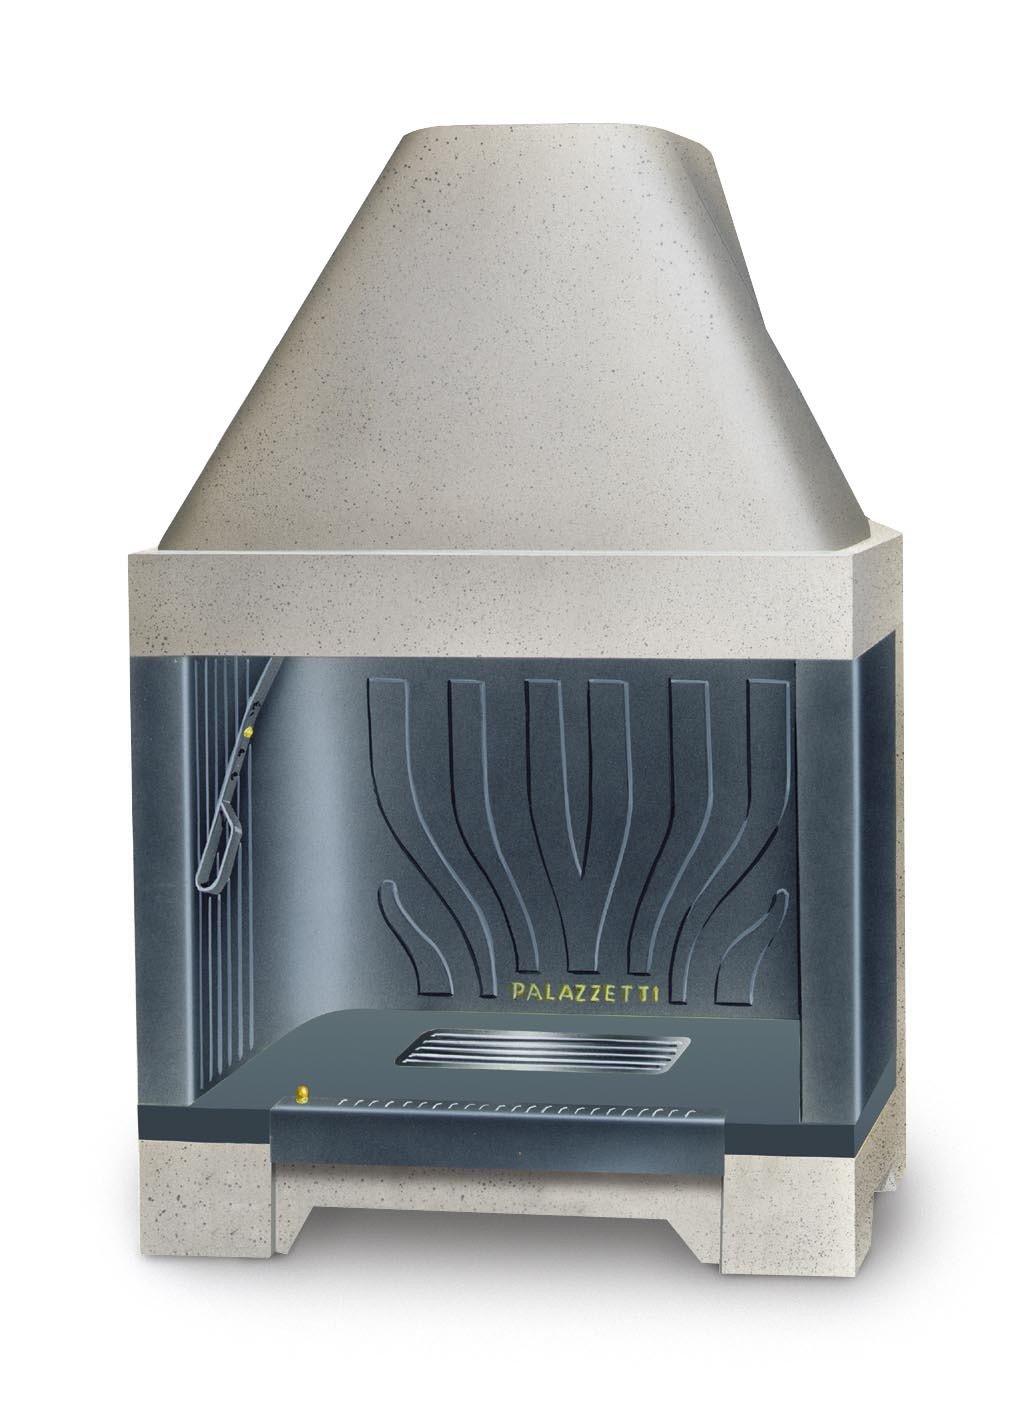 Palazzetti Feuerstätte Palex C78g günstig kaufen